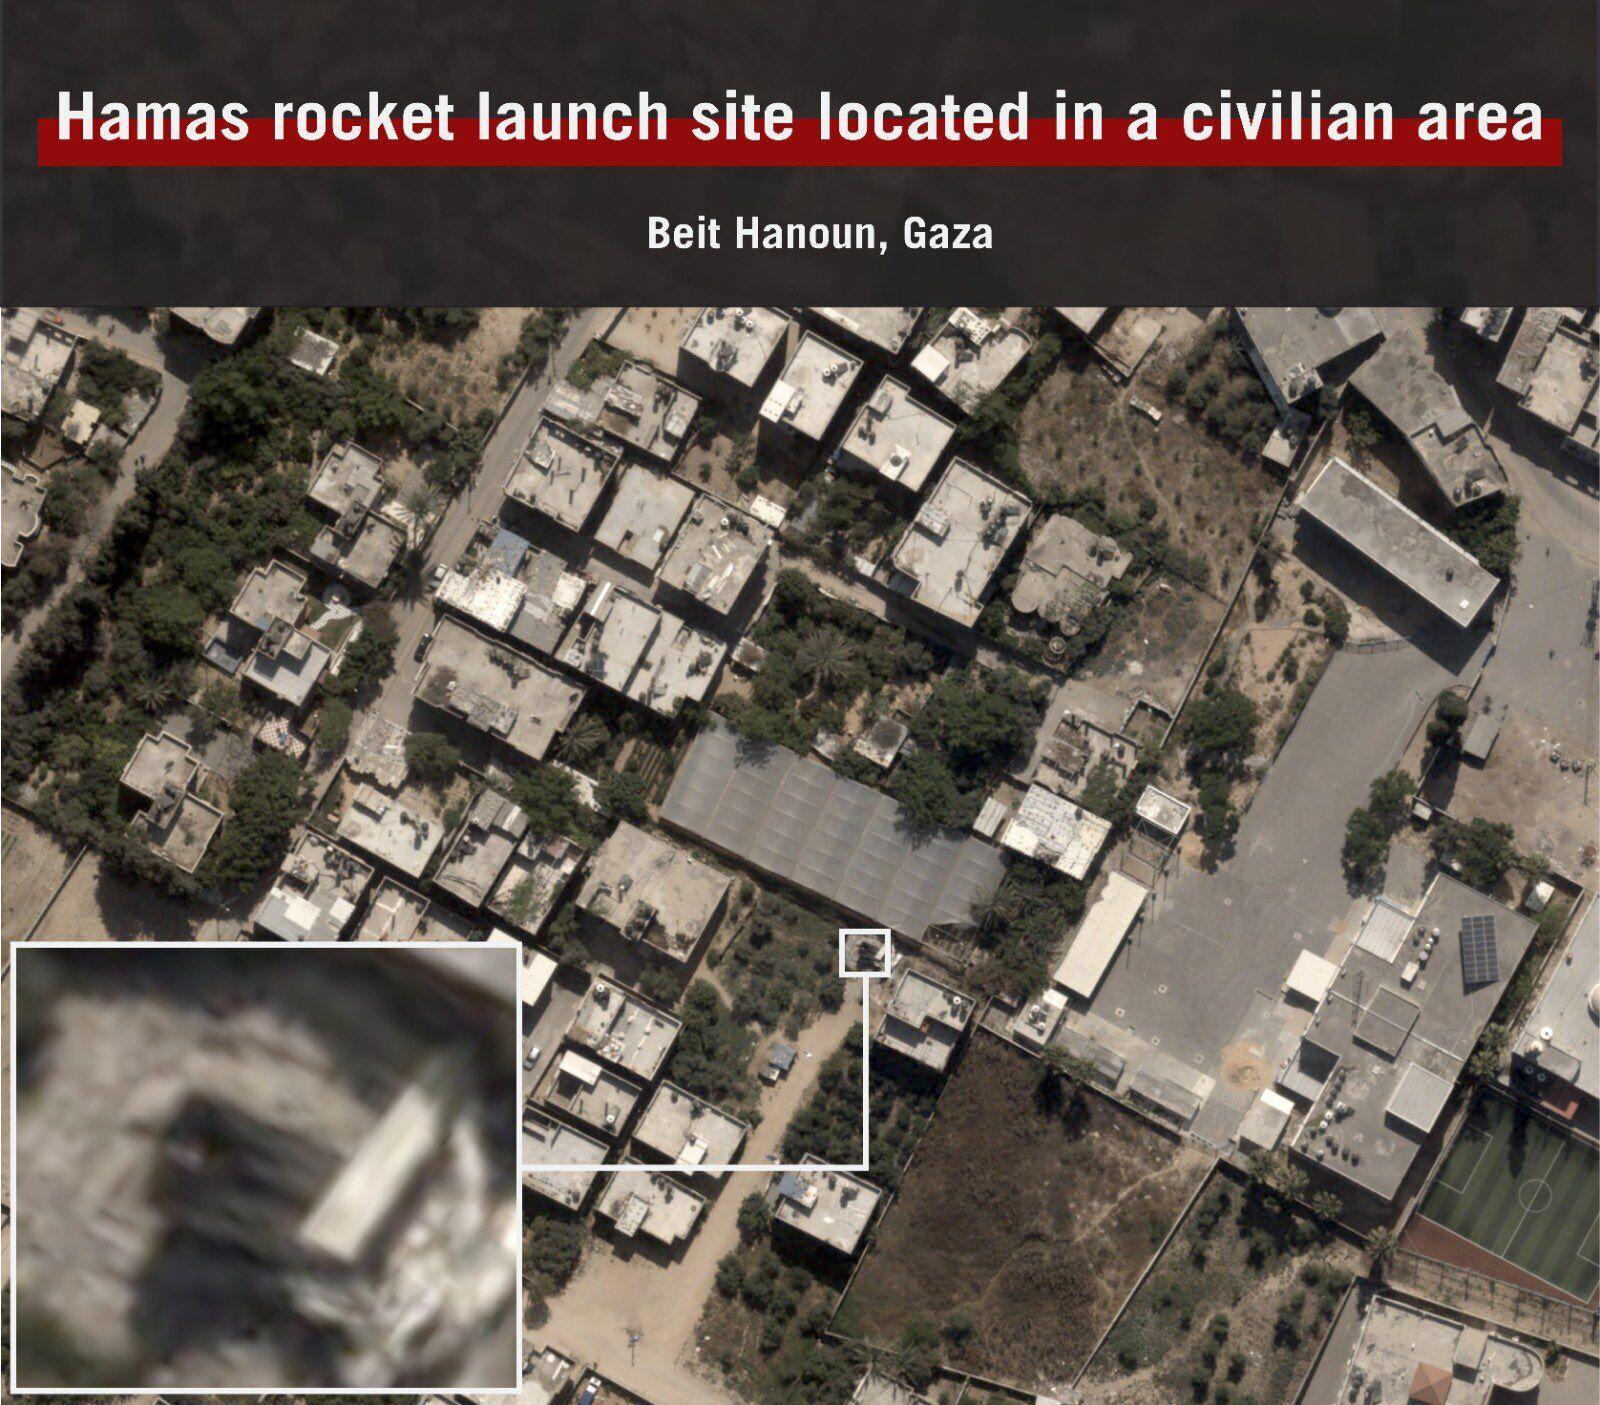 Оперштаб ХАМАСа взорван израильтянами: что сейчас происходит в зоне конфликта. Фото и видео